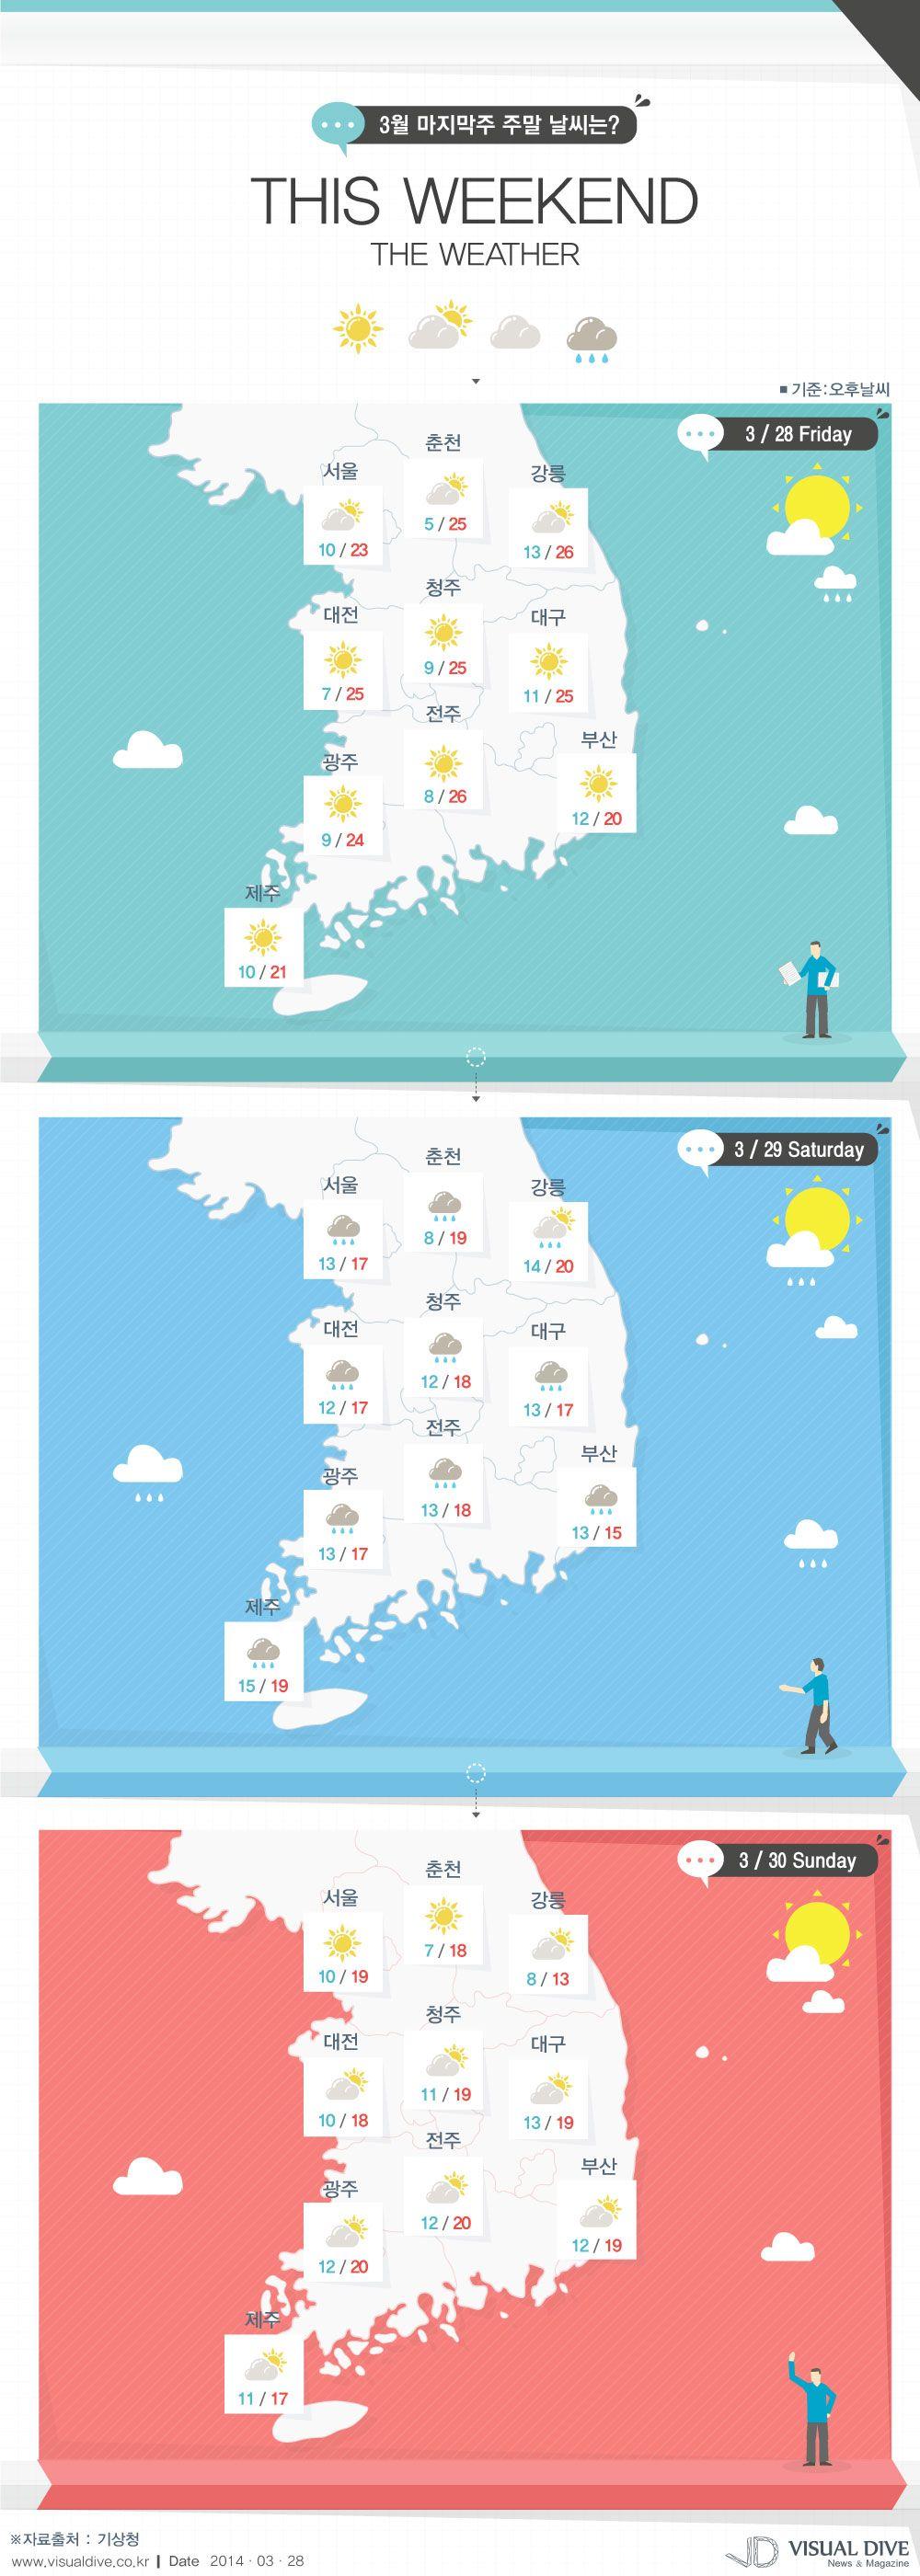 주말 날씨, 봄비 내린 후 따뜻한 봄 날씨 [인포그래픽] weather Infographic